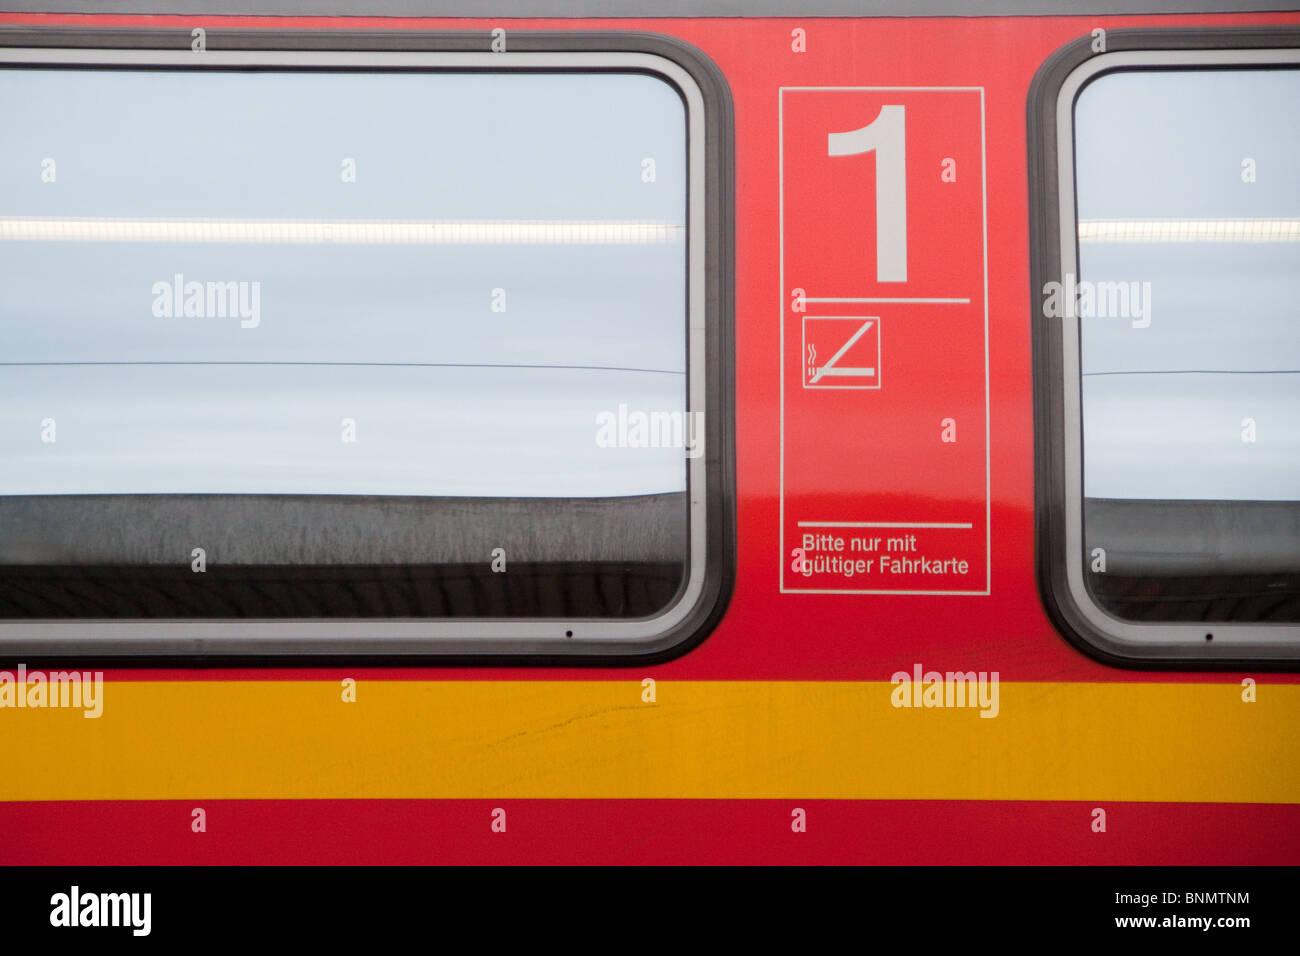 Deutsch Deutsche Bahn First Class Laufwagenschiene Stockbild